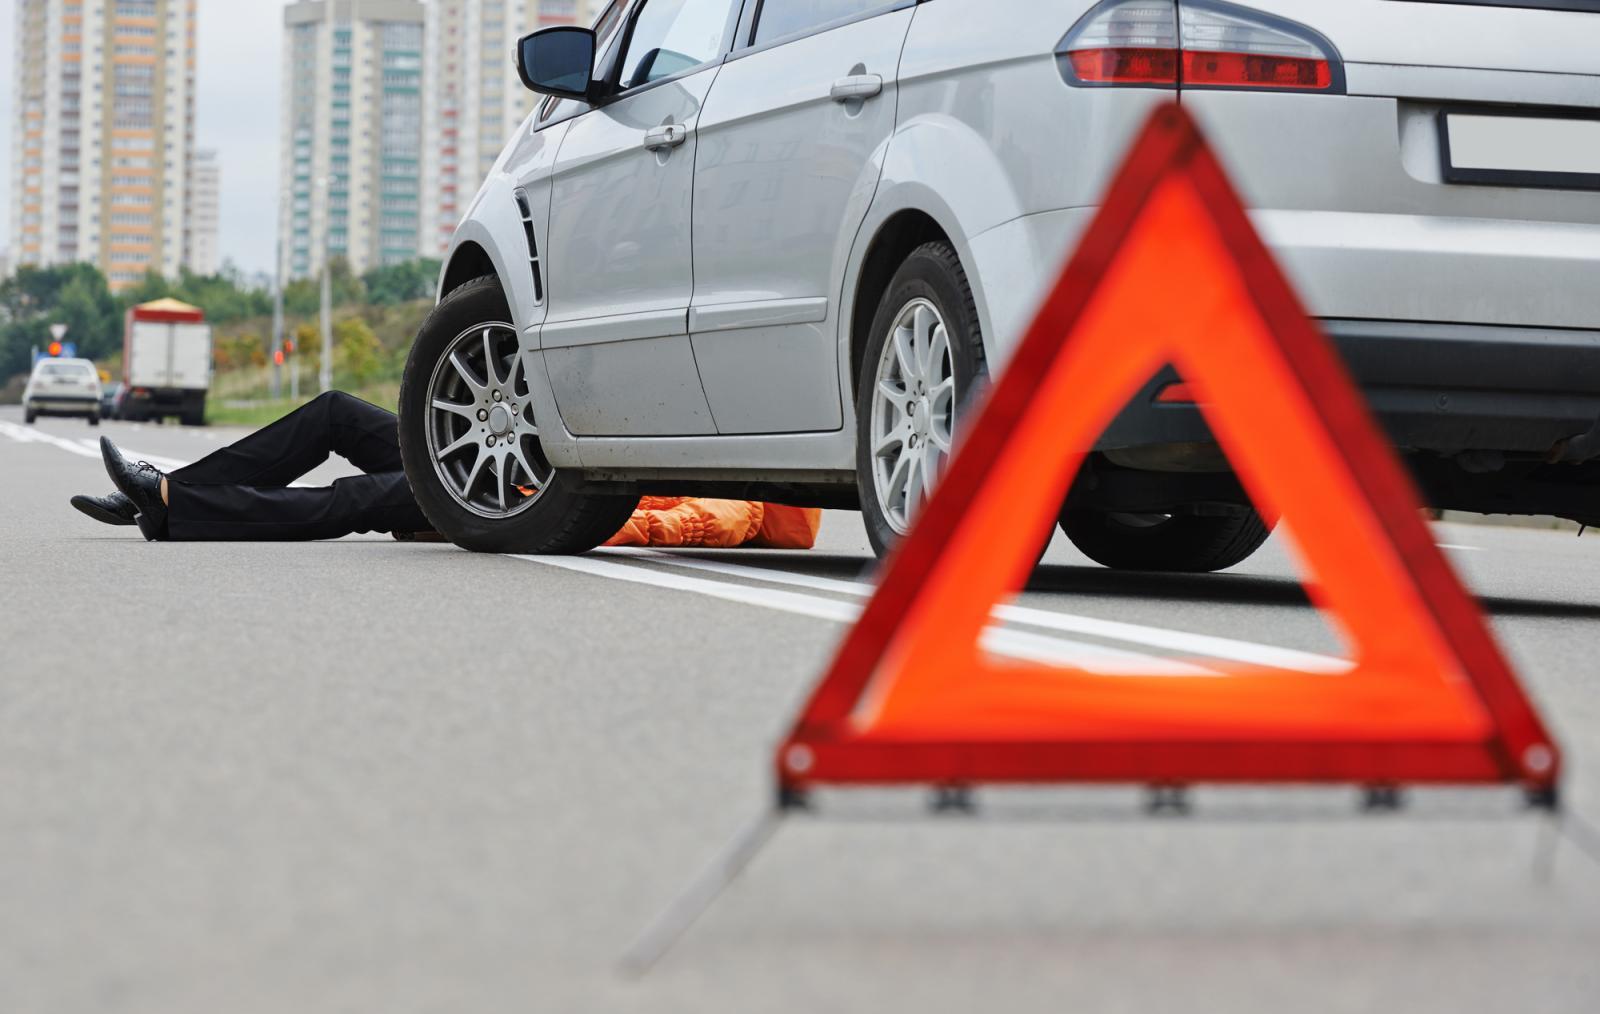 В Тверской области на переходе сбили мальчика